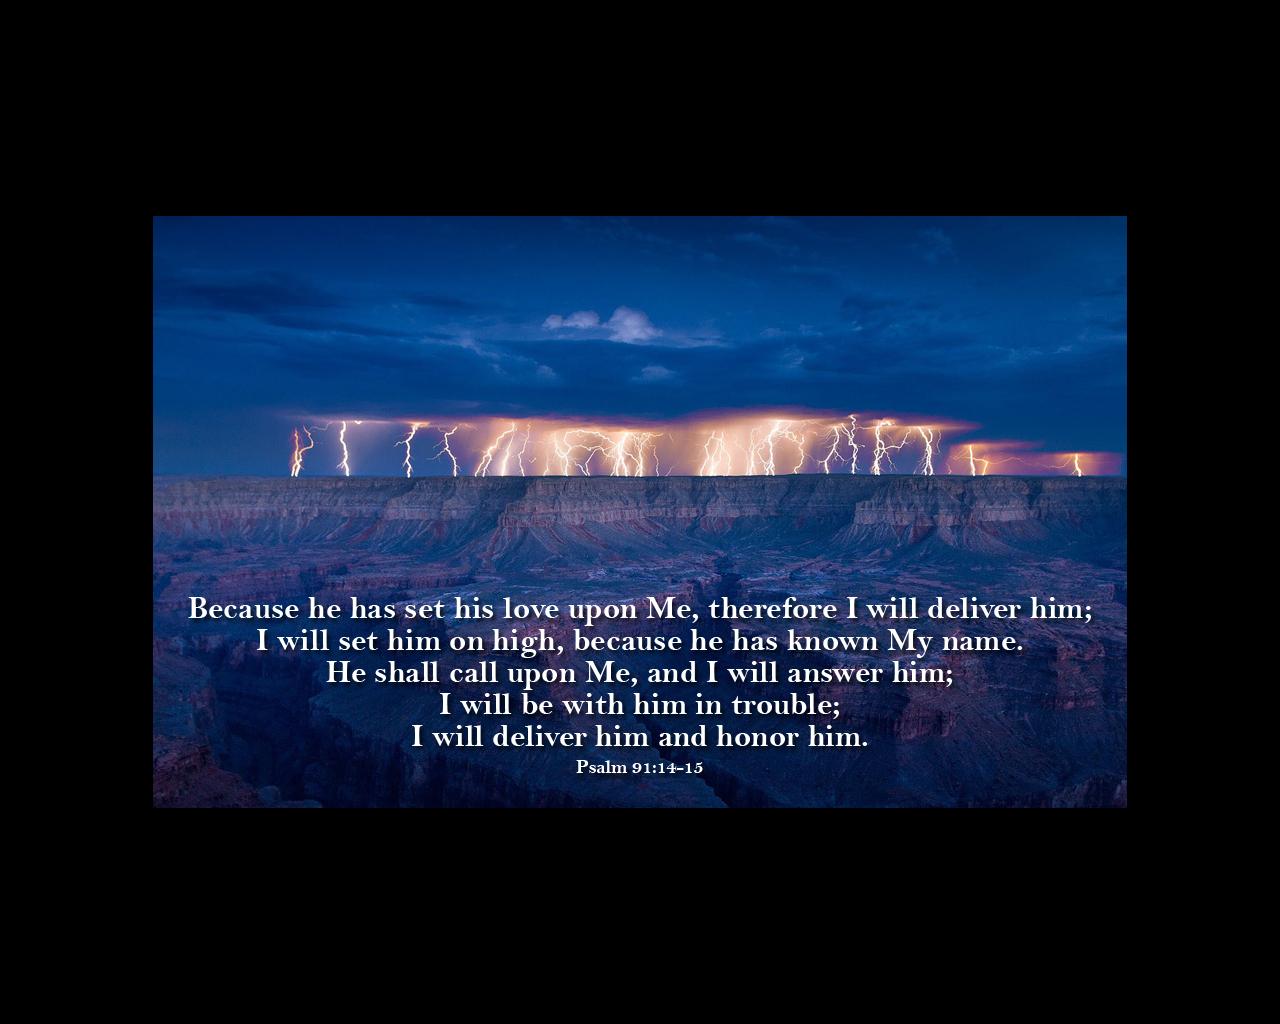 psalm 9114 15 wallpaperjpg 1280x1024